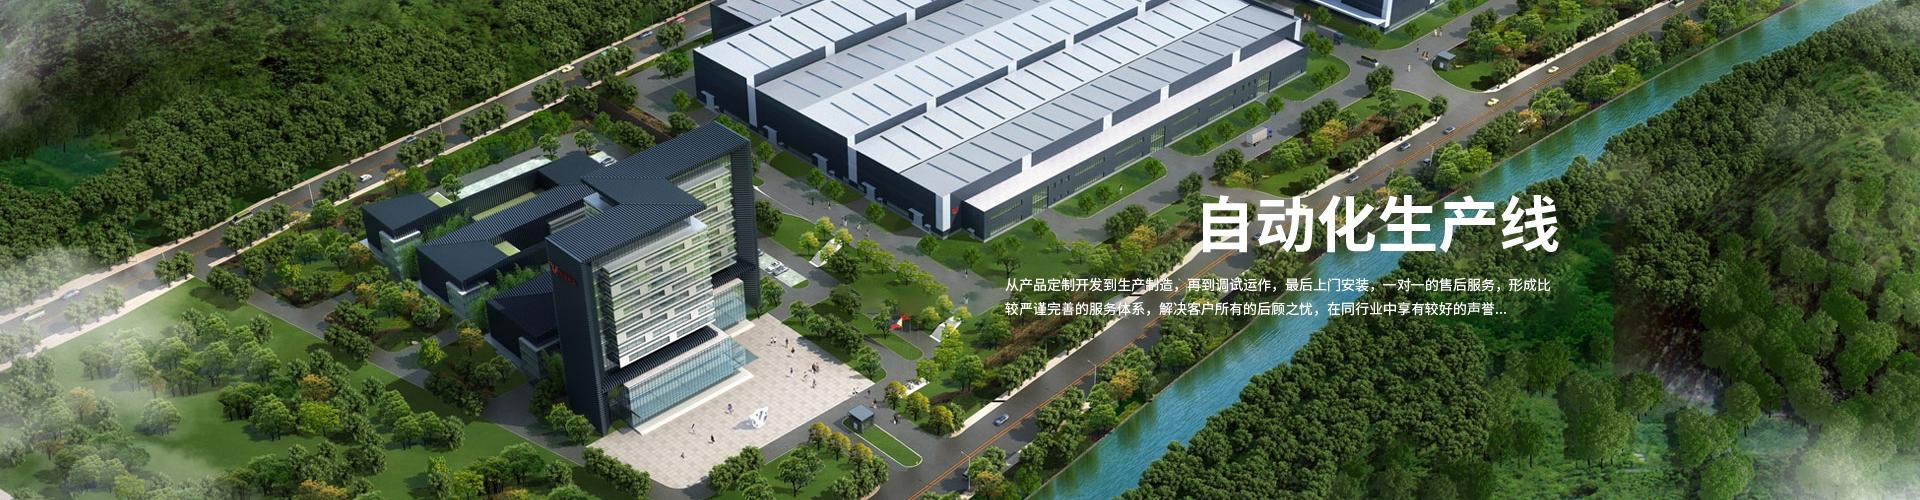 上海占顺自动化智能科技有限公司